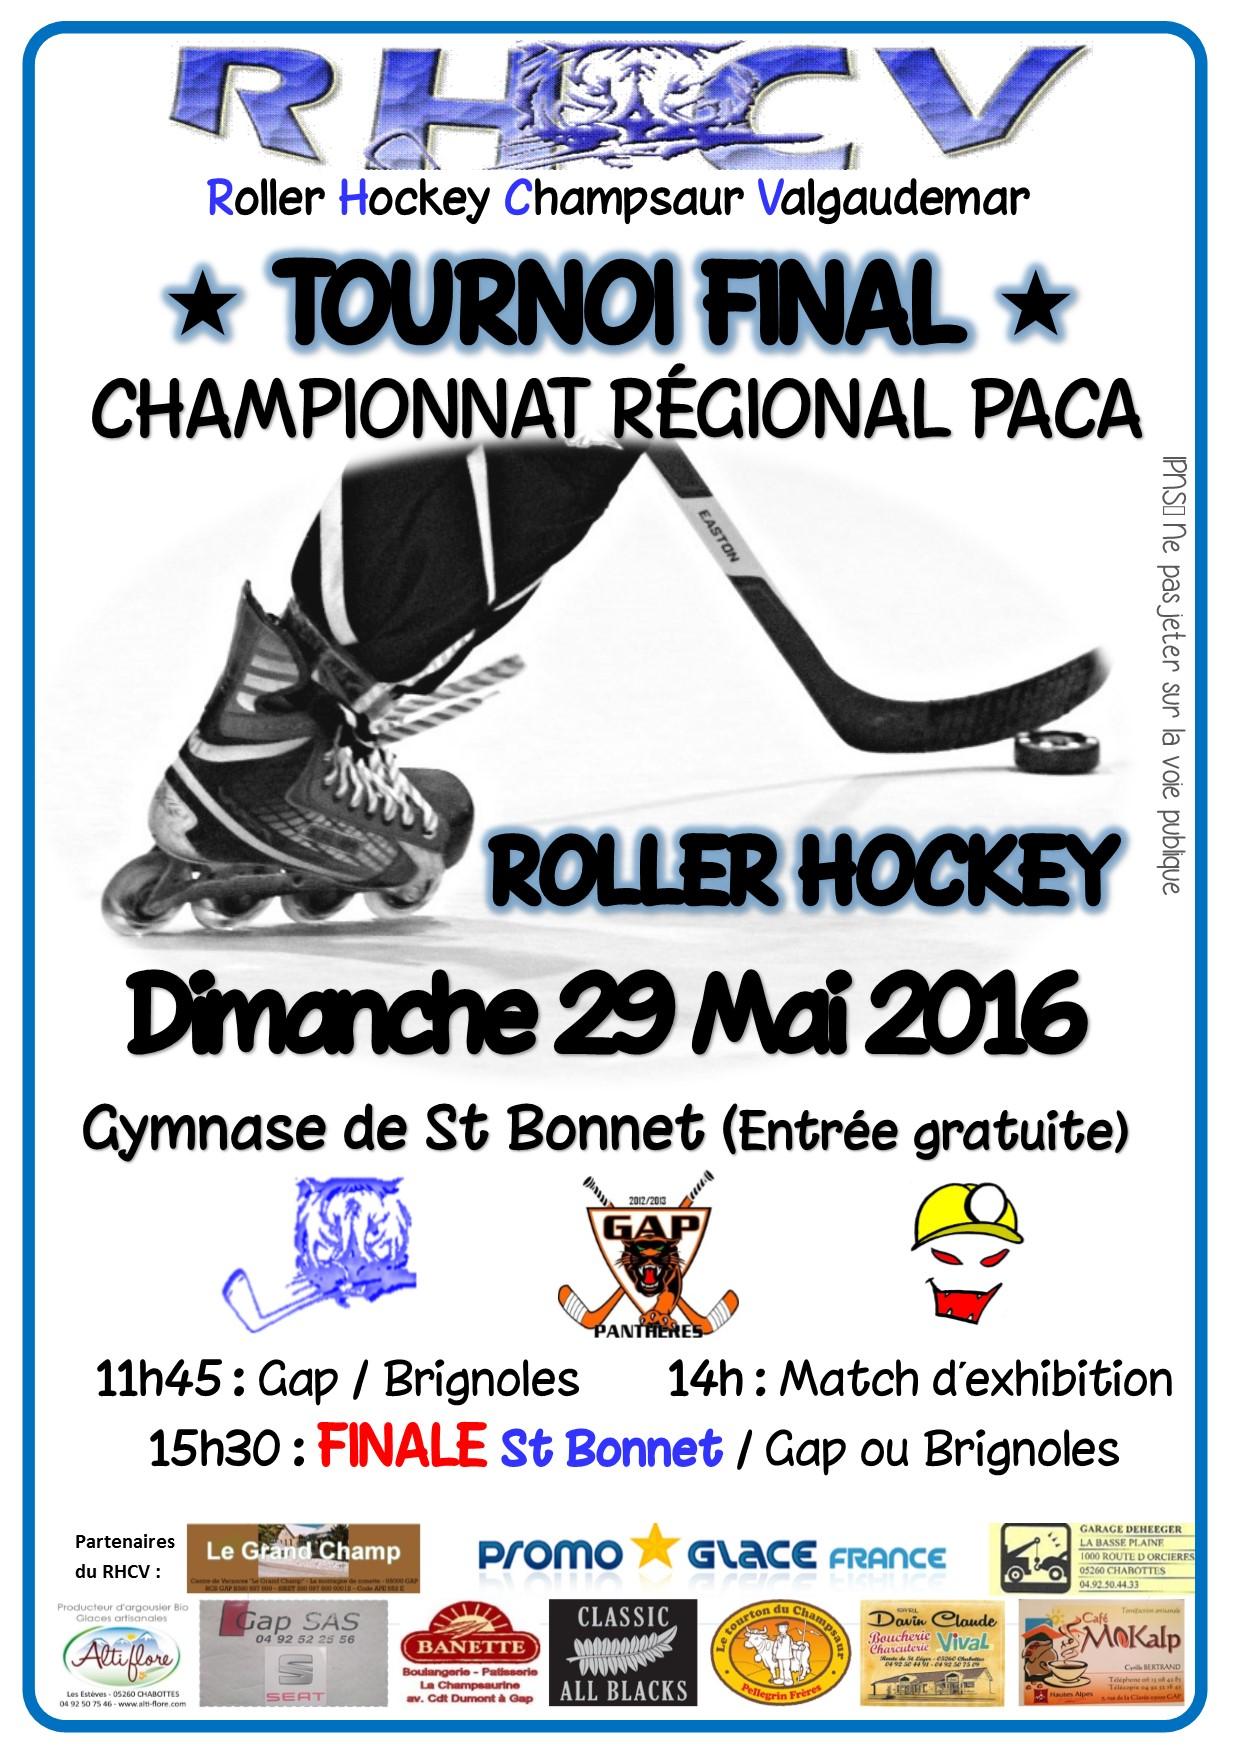 LOISIRS - TOURNOI FINAL 29 MAI V2